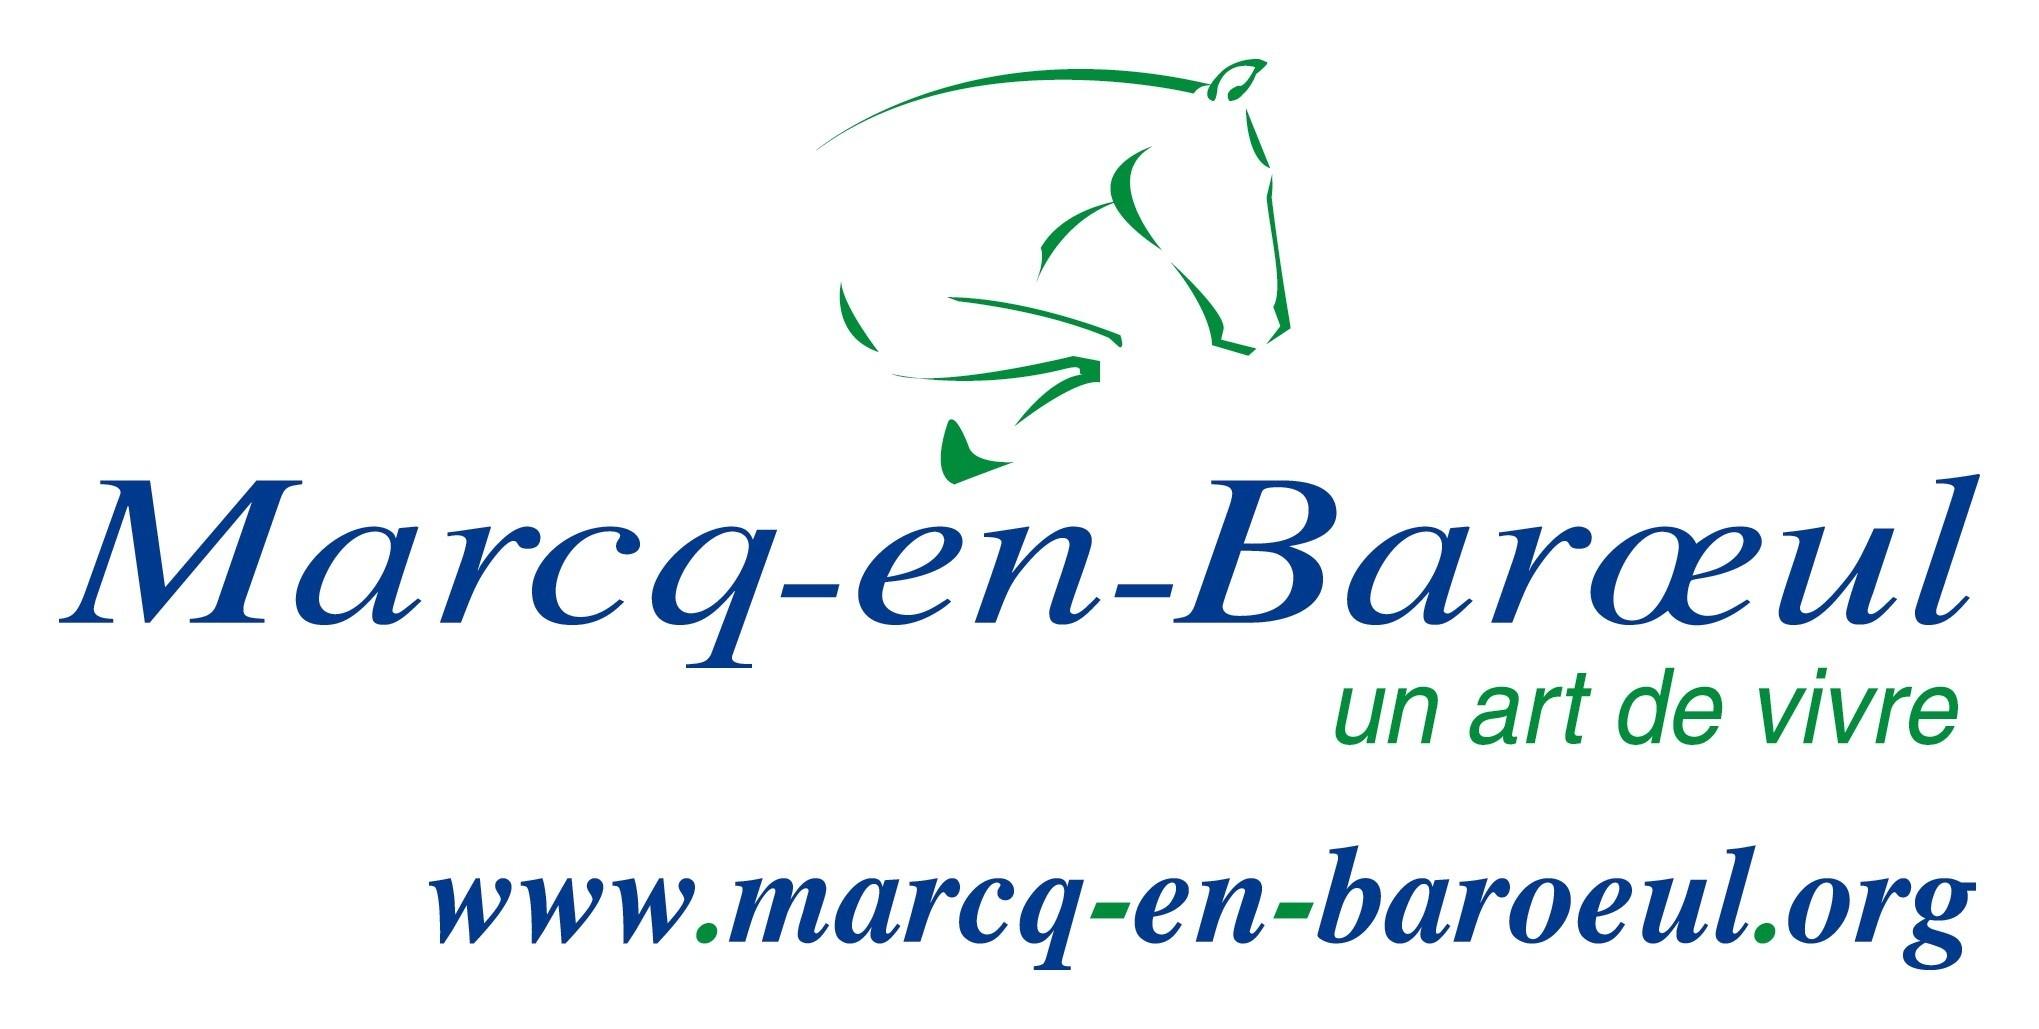 Dépannage MARCQ EN BAROEUL voiture GARAGE PICHON